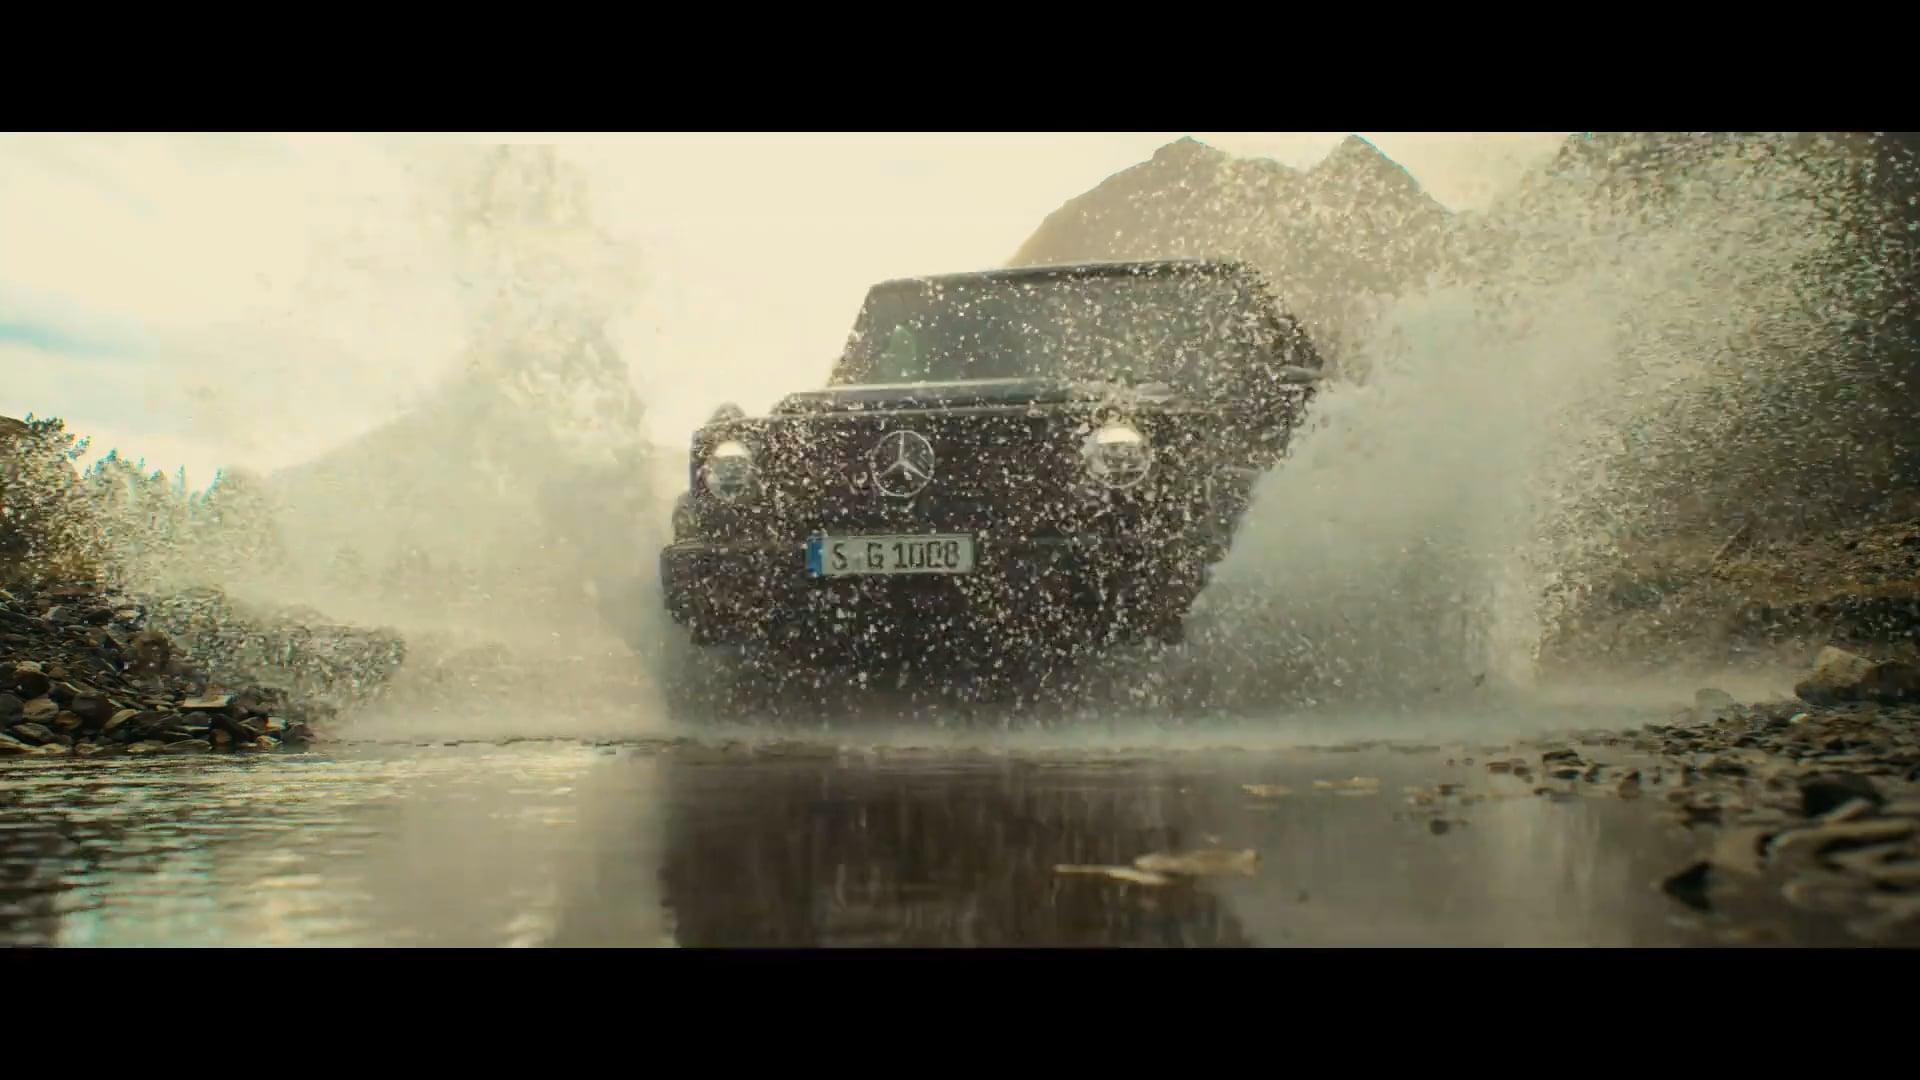 Mercedes Benz - Too Far